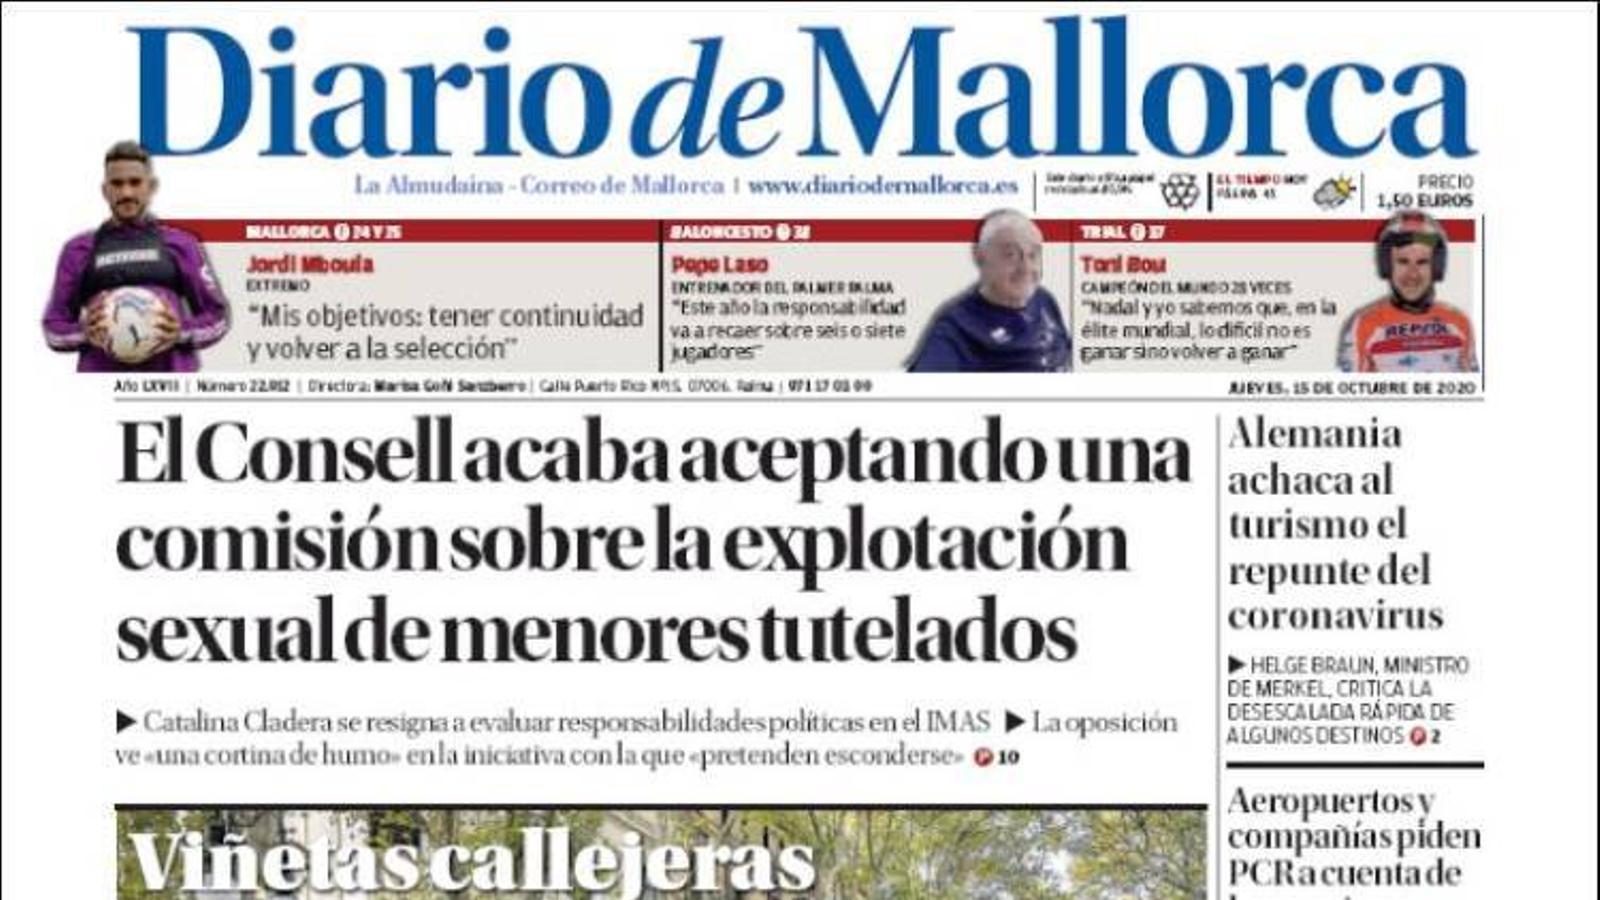 """""""El Consell acaba acceptant una comissió sobre l'explotació sexual de menors tutelats"""", portada de 'Diario de Mallorca'"""